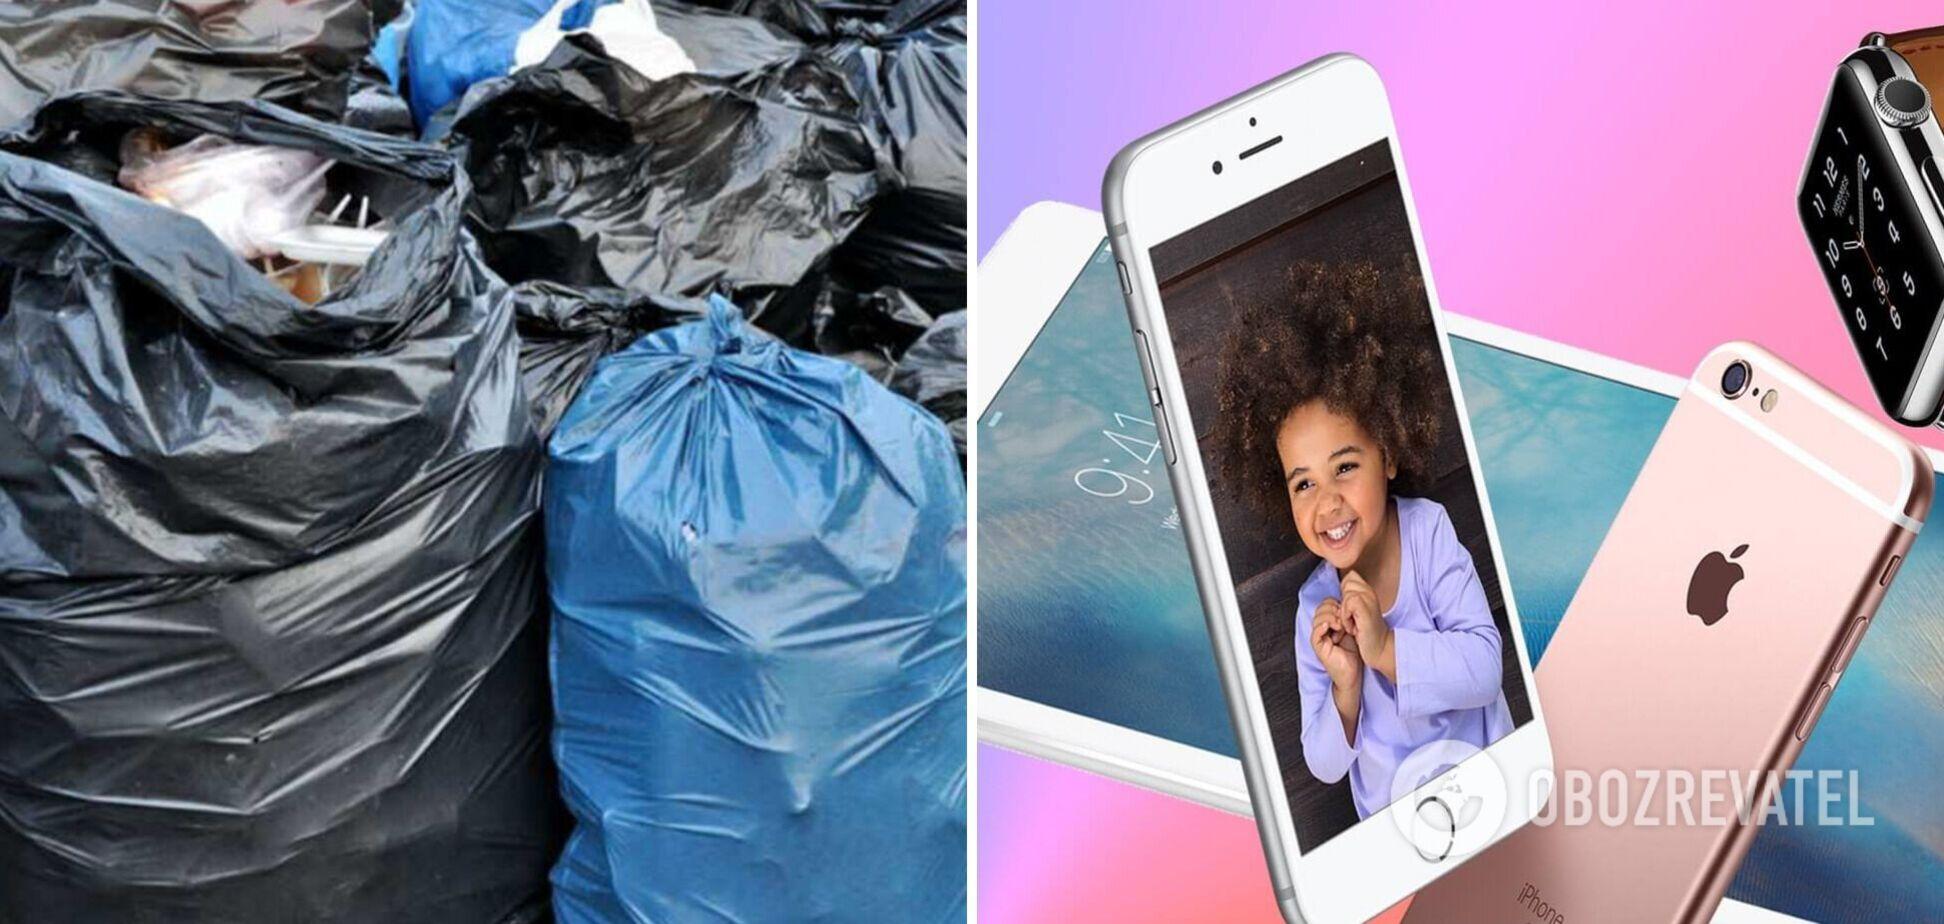 Маскировали под мусор: в 'Борисполе' разоблачили схему незаконного ввоза техники Apple. Фото и видео